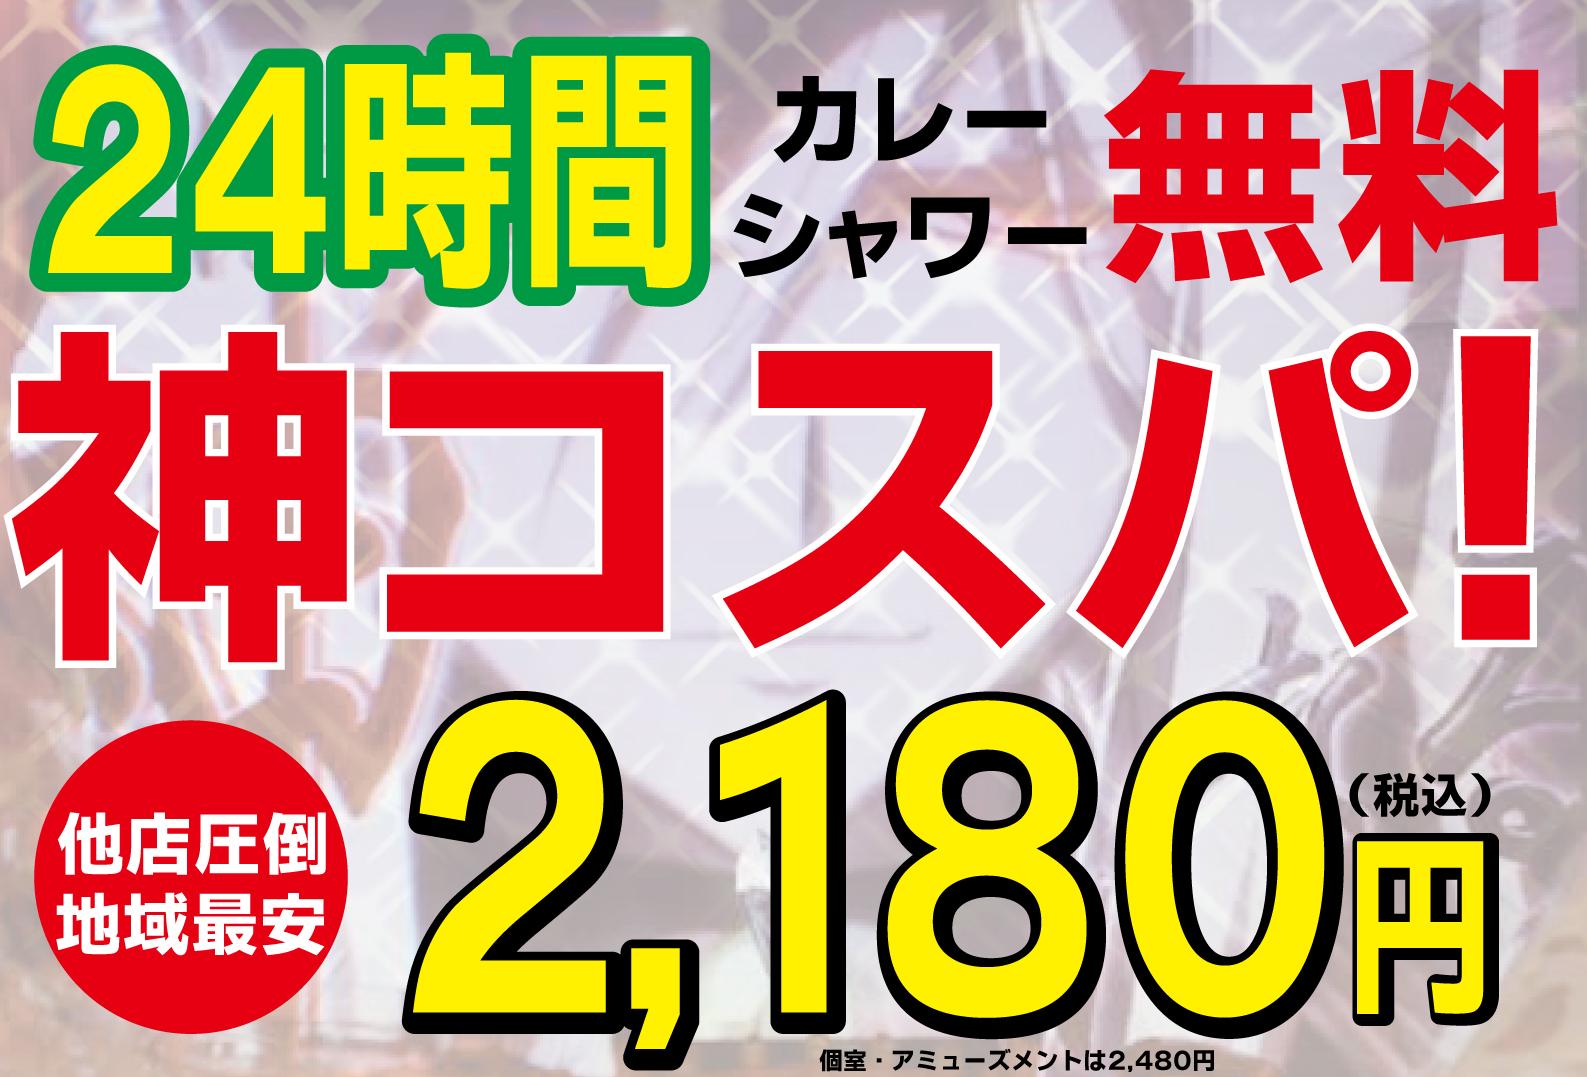 神コスパ 24時間プラン2,180円 カレー シャワー無料